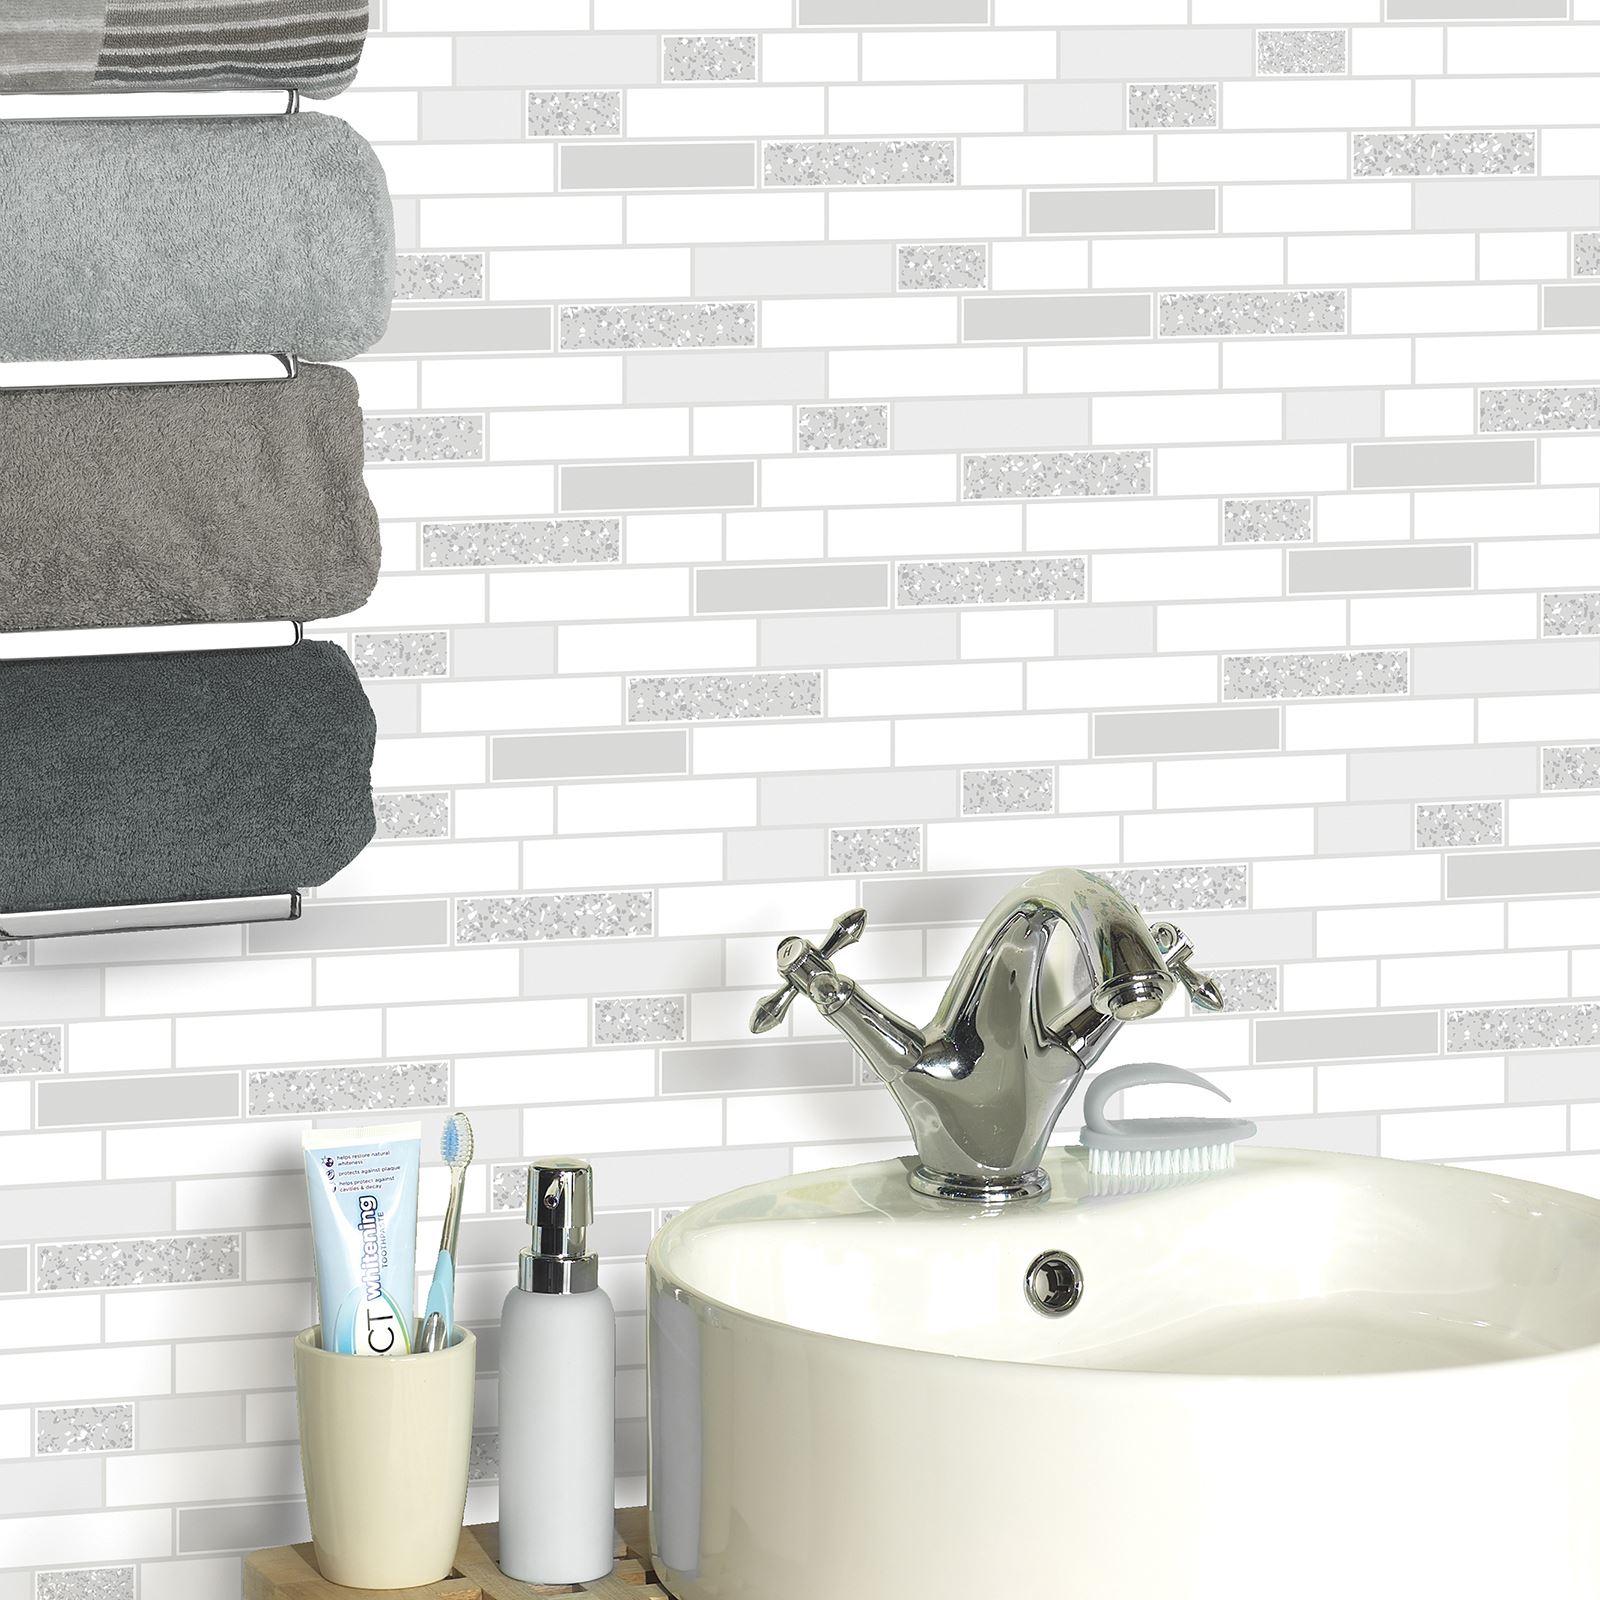 Kitchen Wallpaper Ebay Uk: HOLDEN TILING ON A ROLL TILE GLITTER TEXTURED WALLPAPER